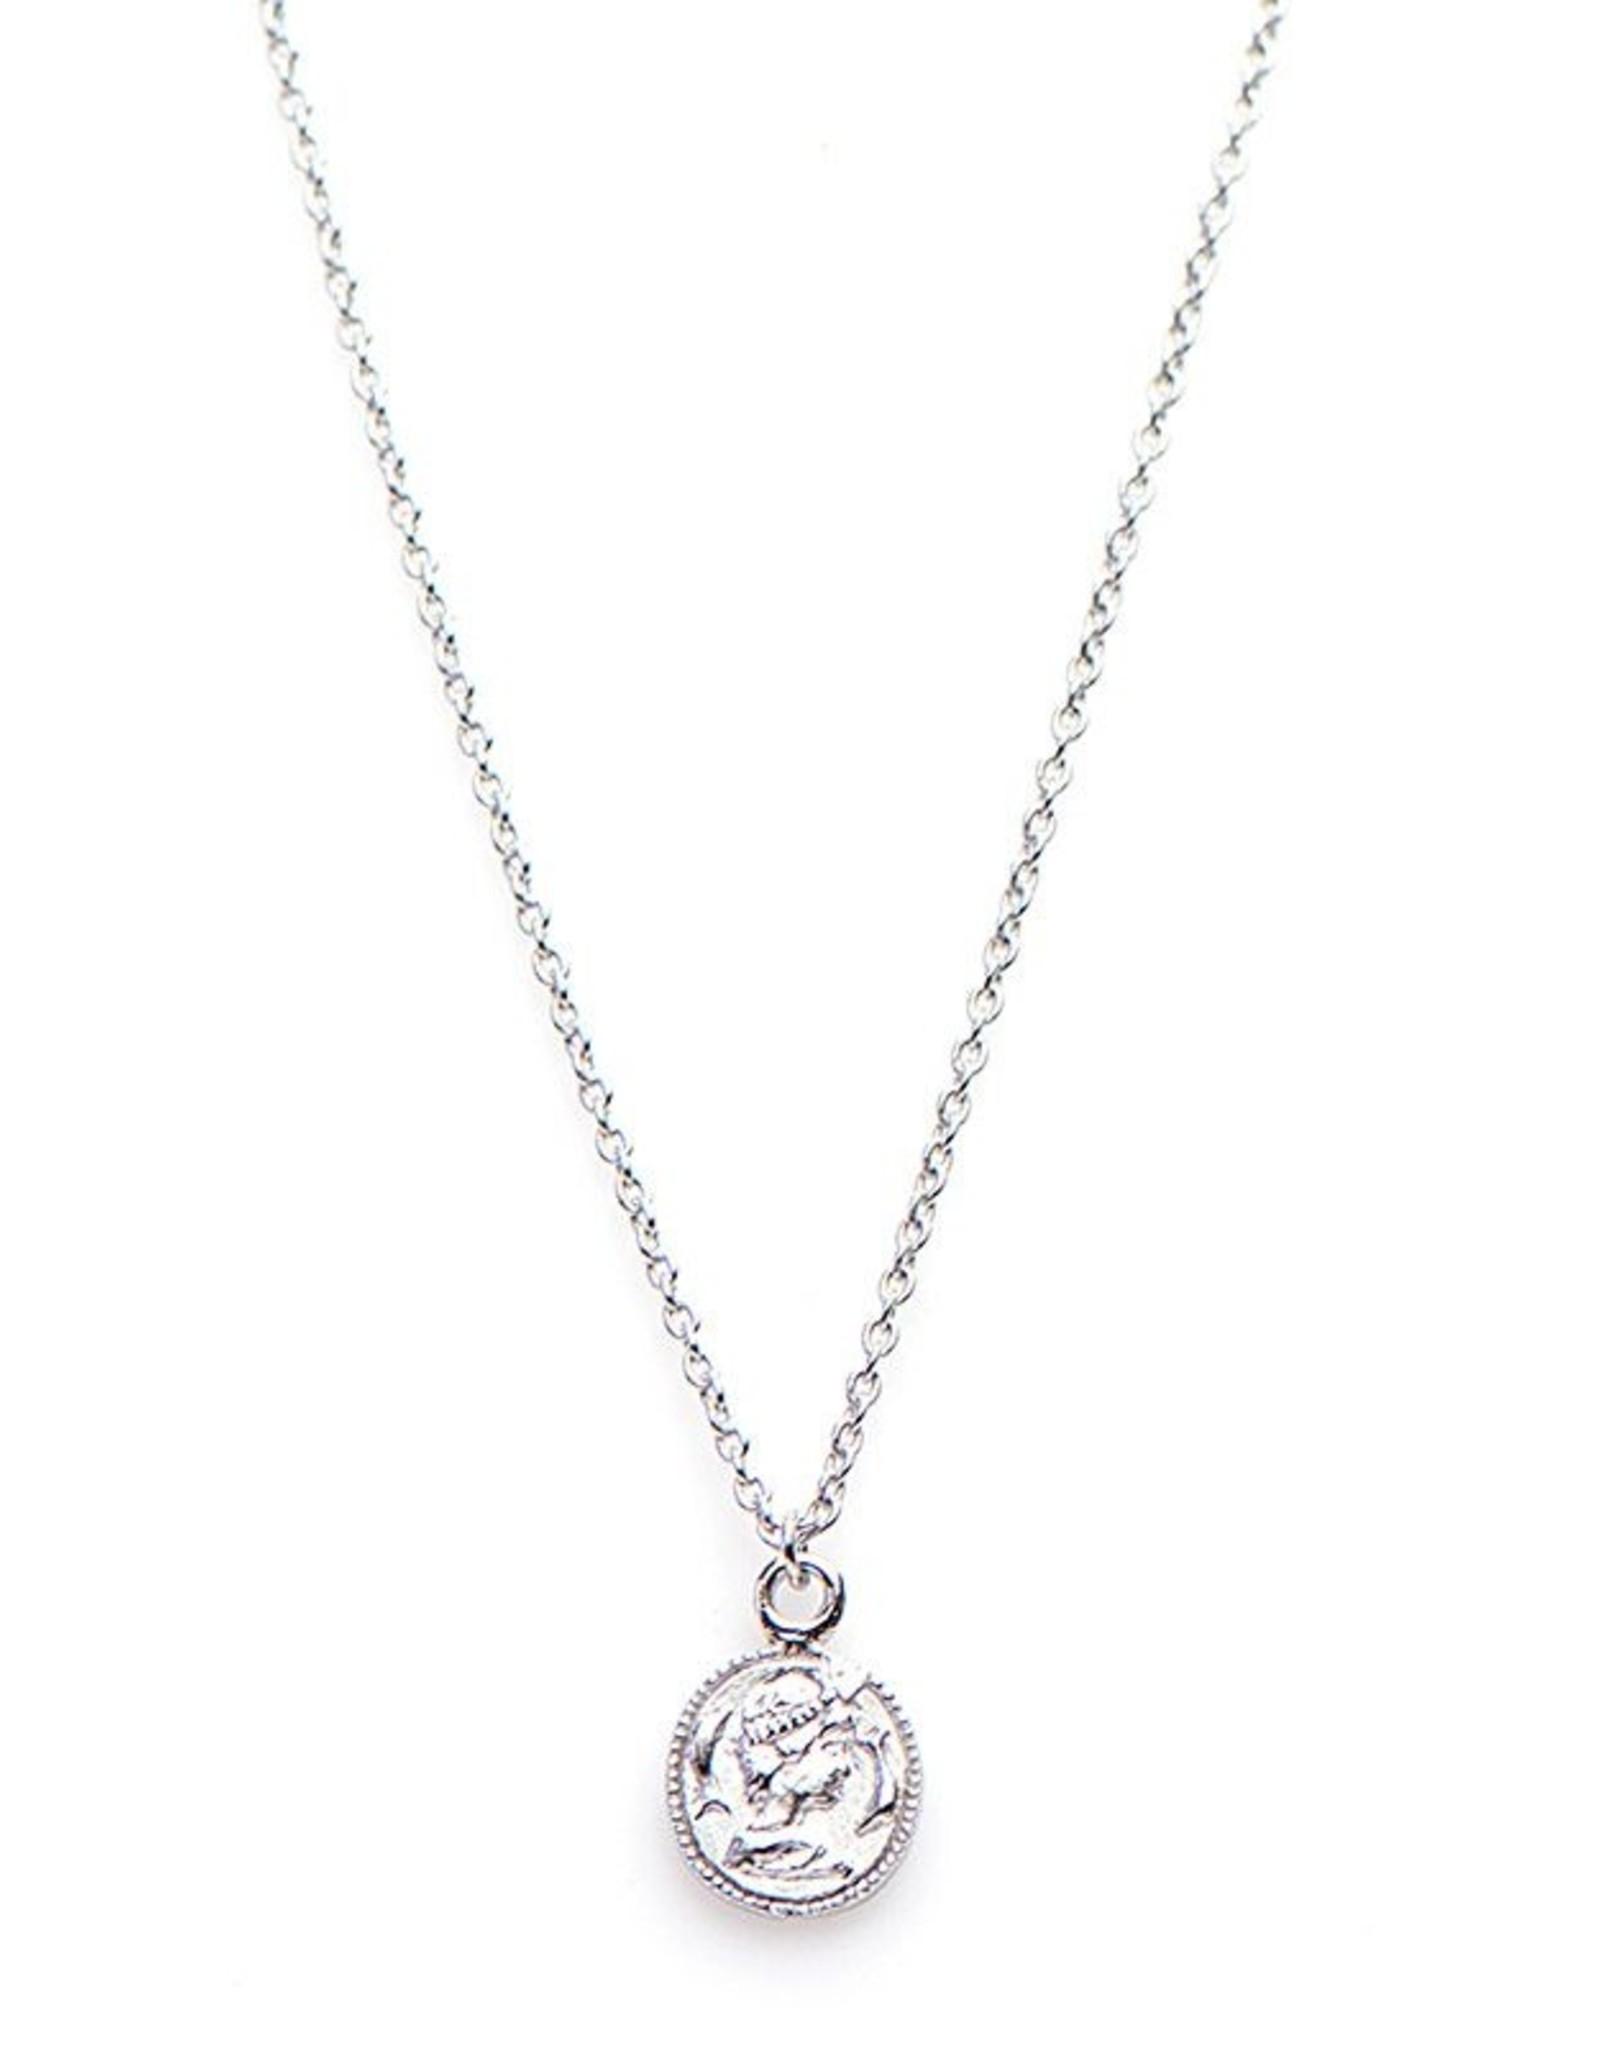 Karma Necklace Coin Silver